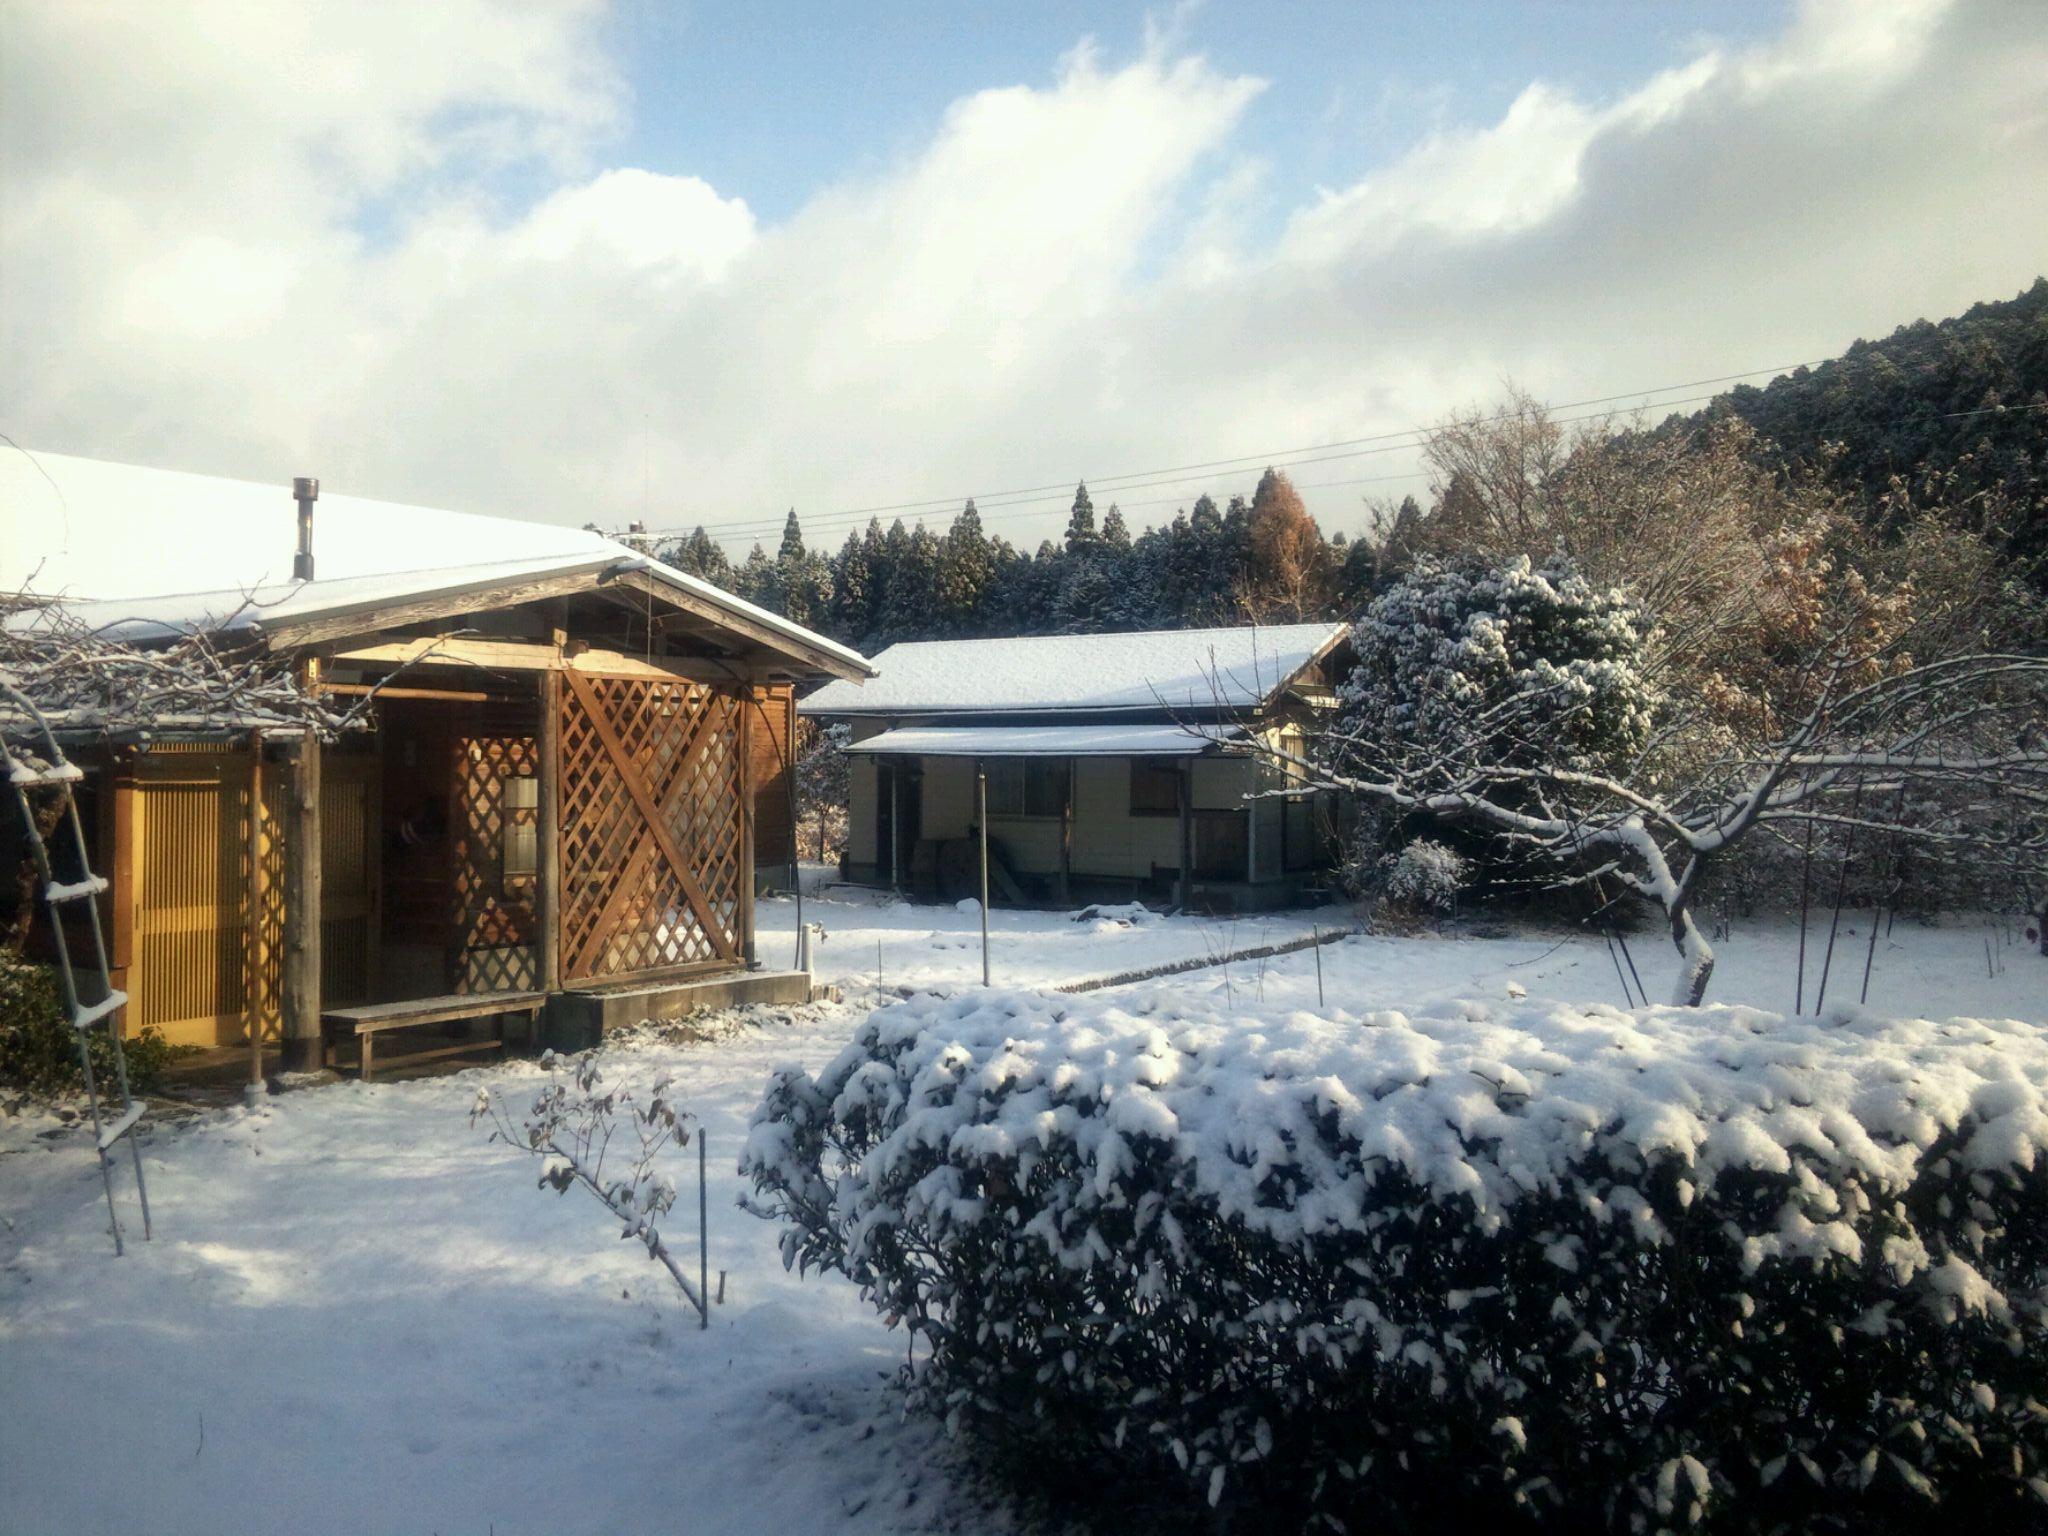 熊本なのに・・・?雪なんです!_a0254656_10071.jpg